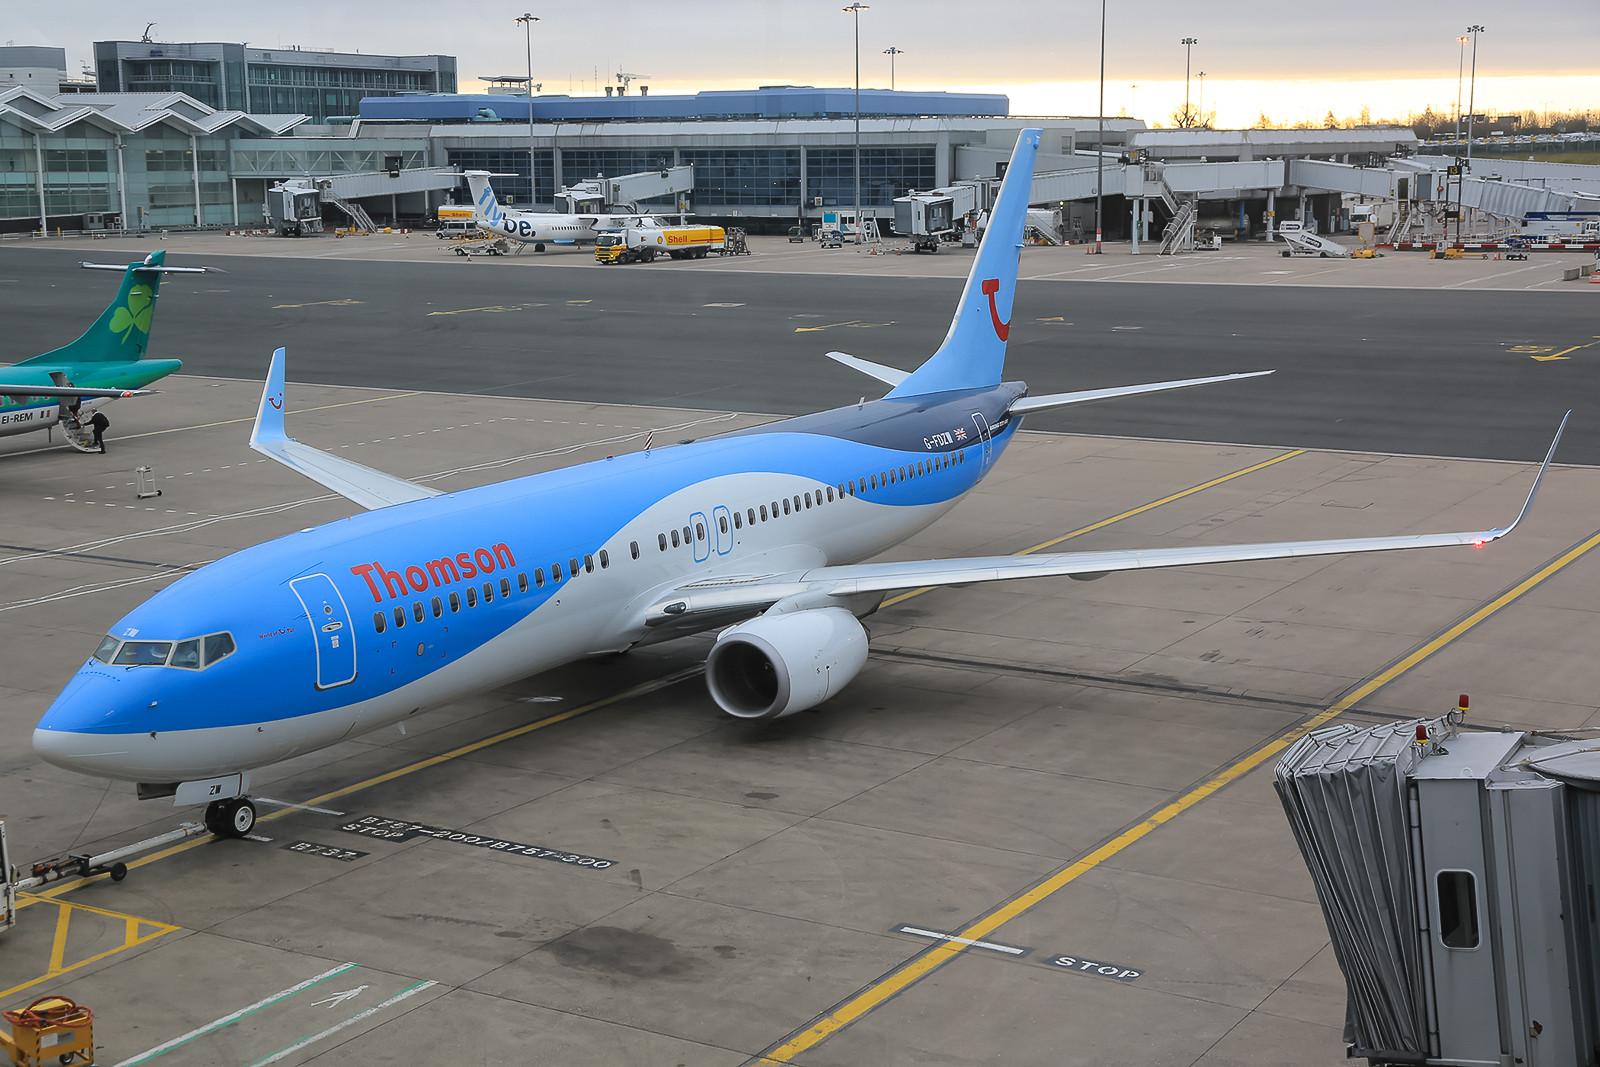 Boeing 737-800W der Thomson vom Terminal aus.